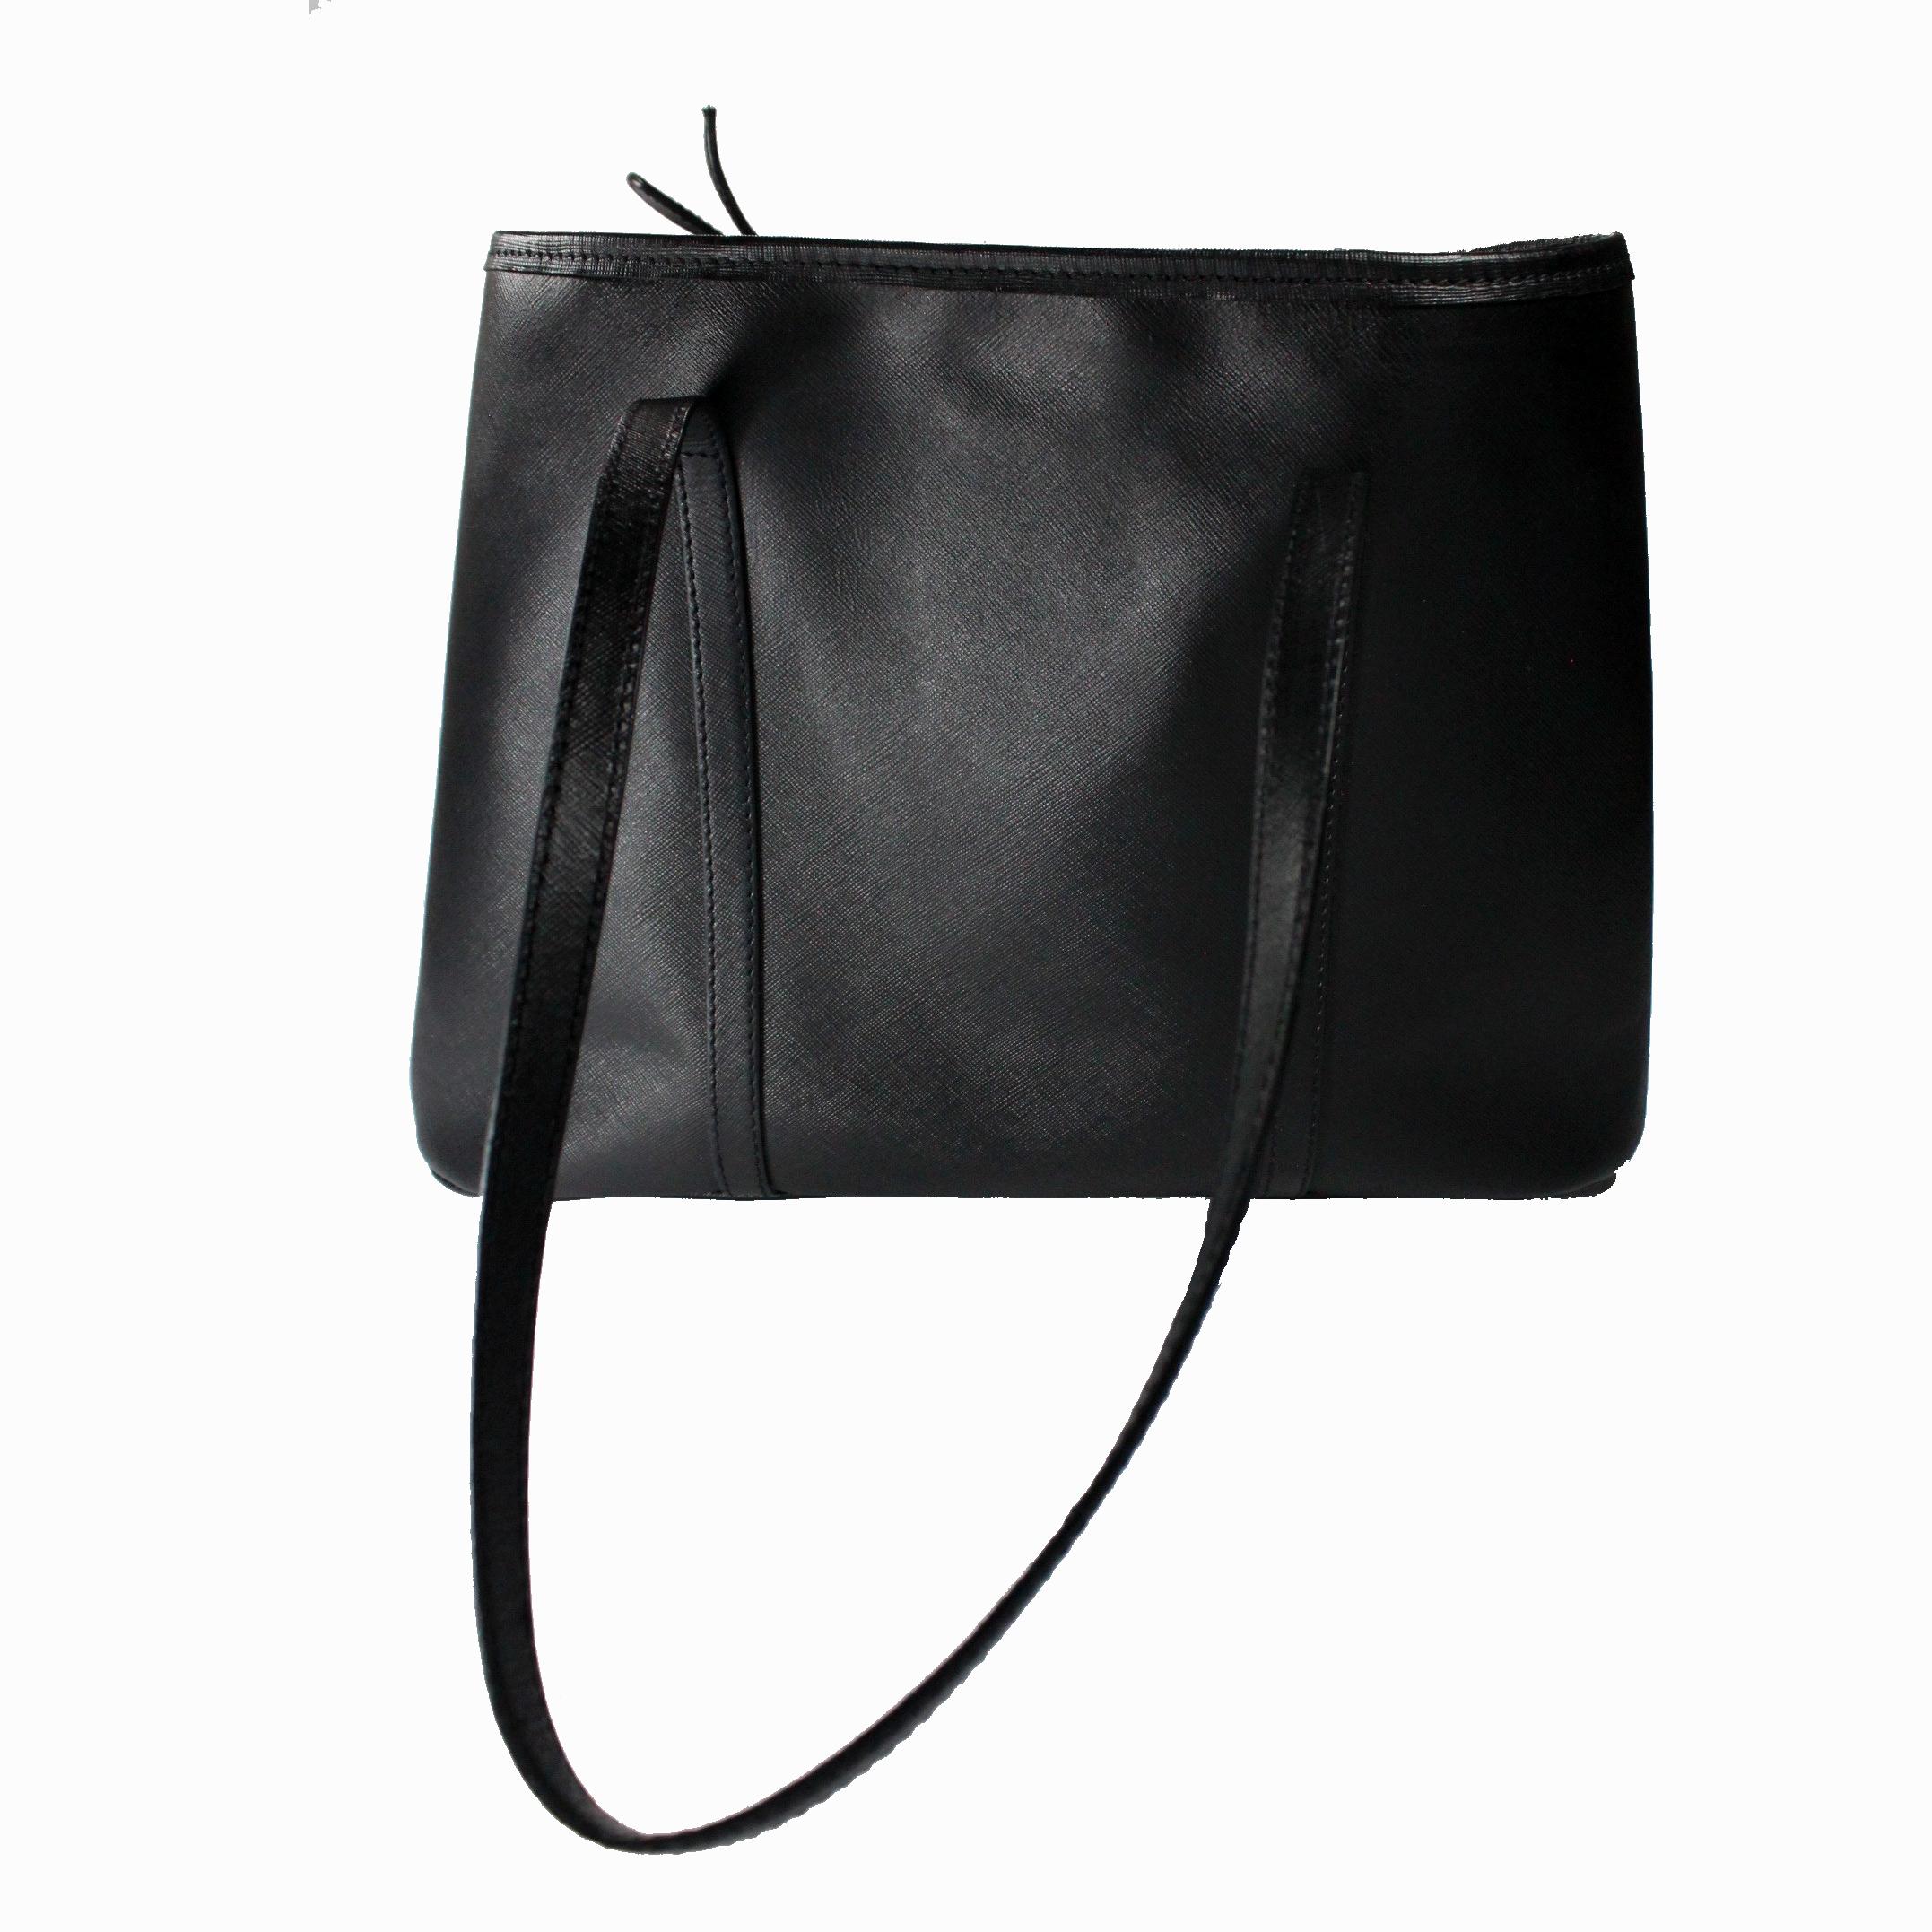 final hand bag 5.jpg